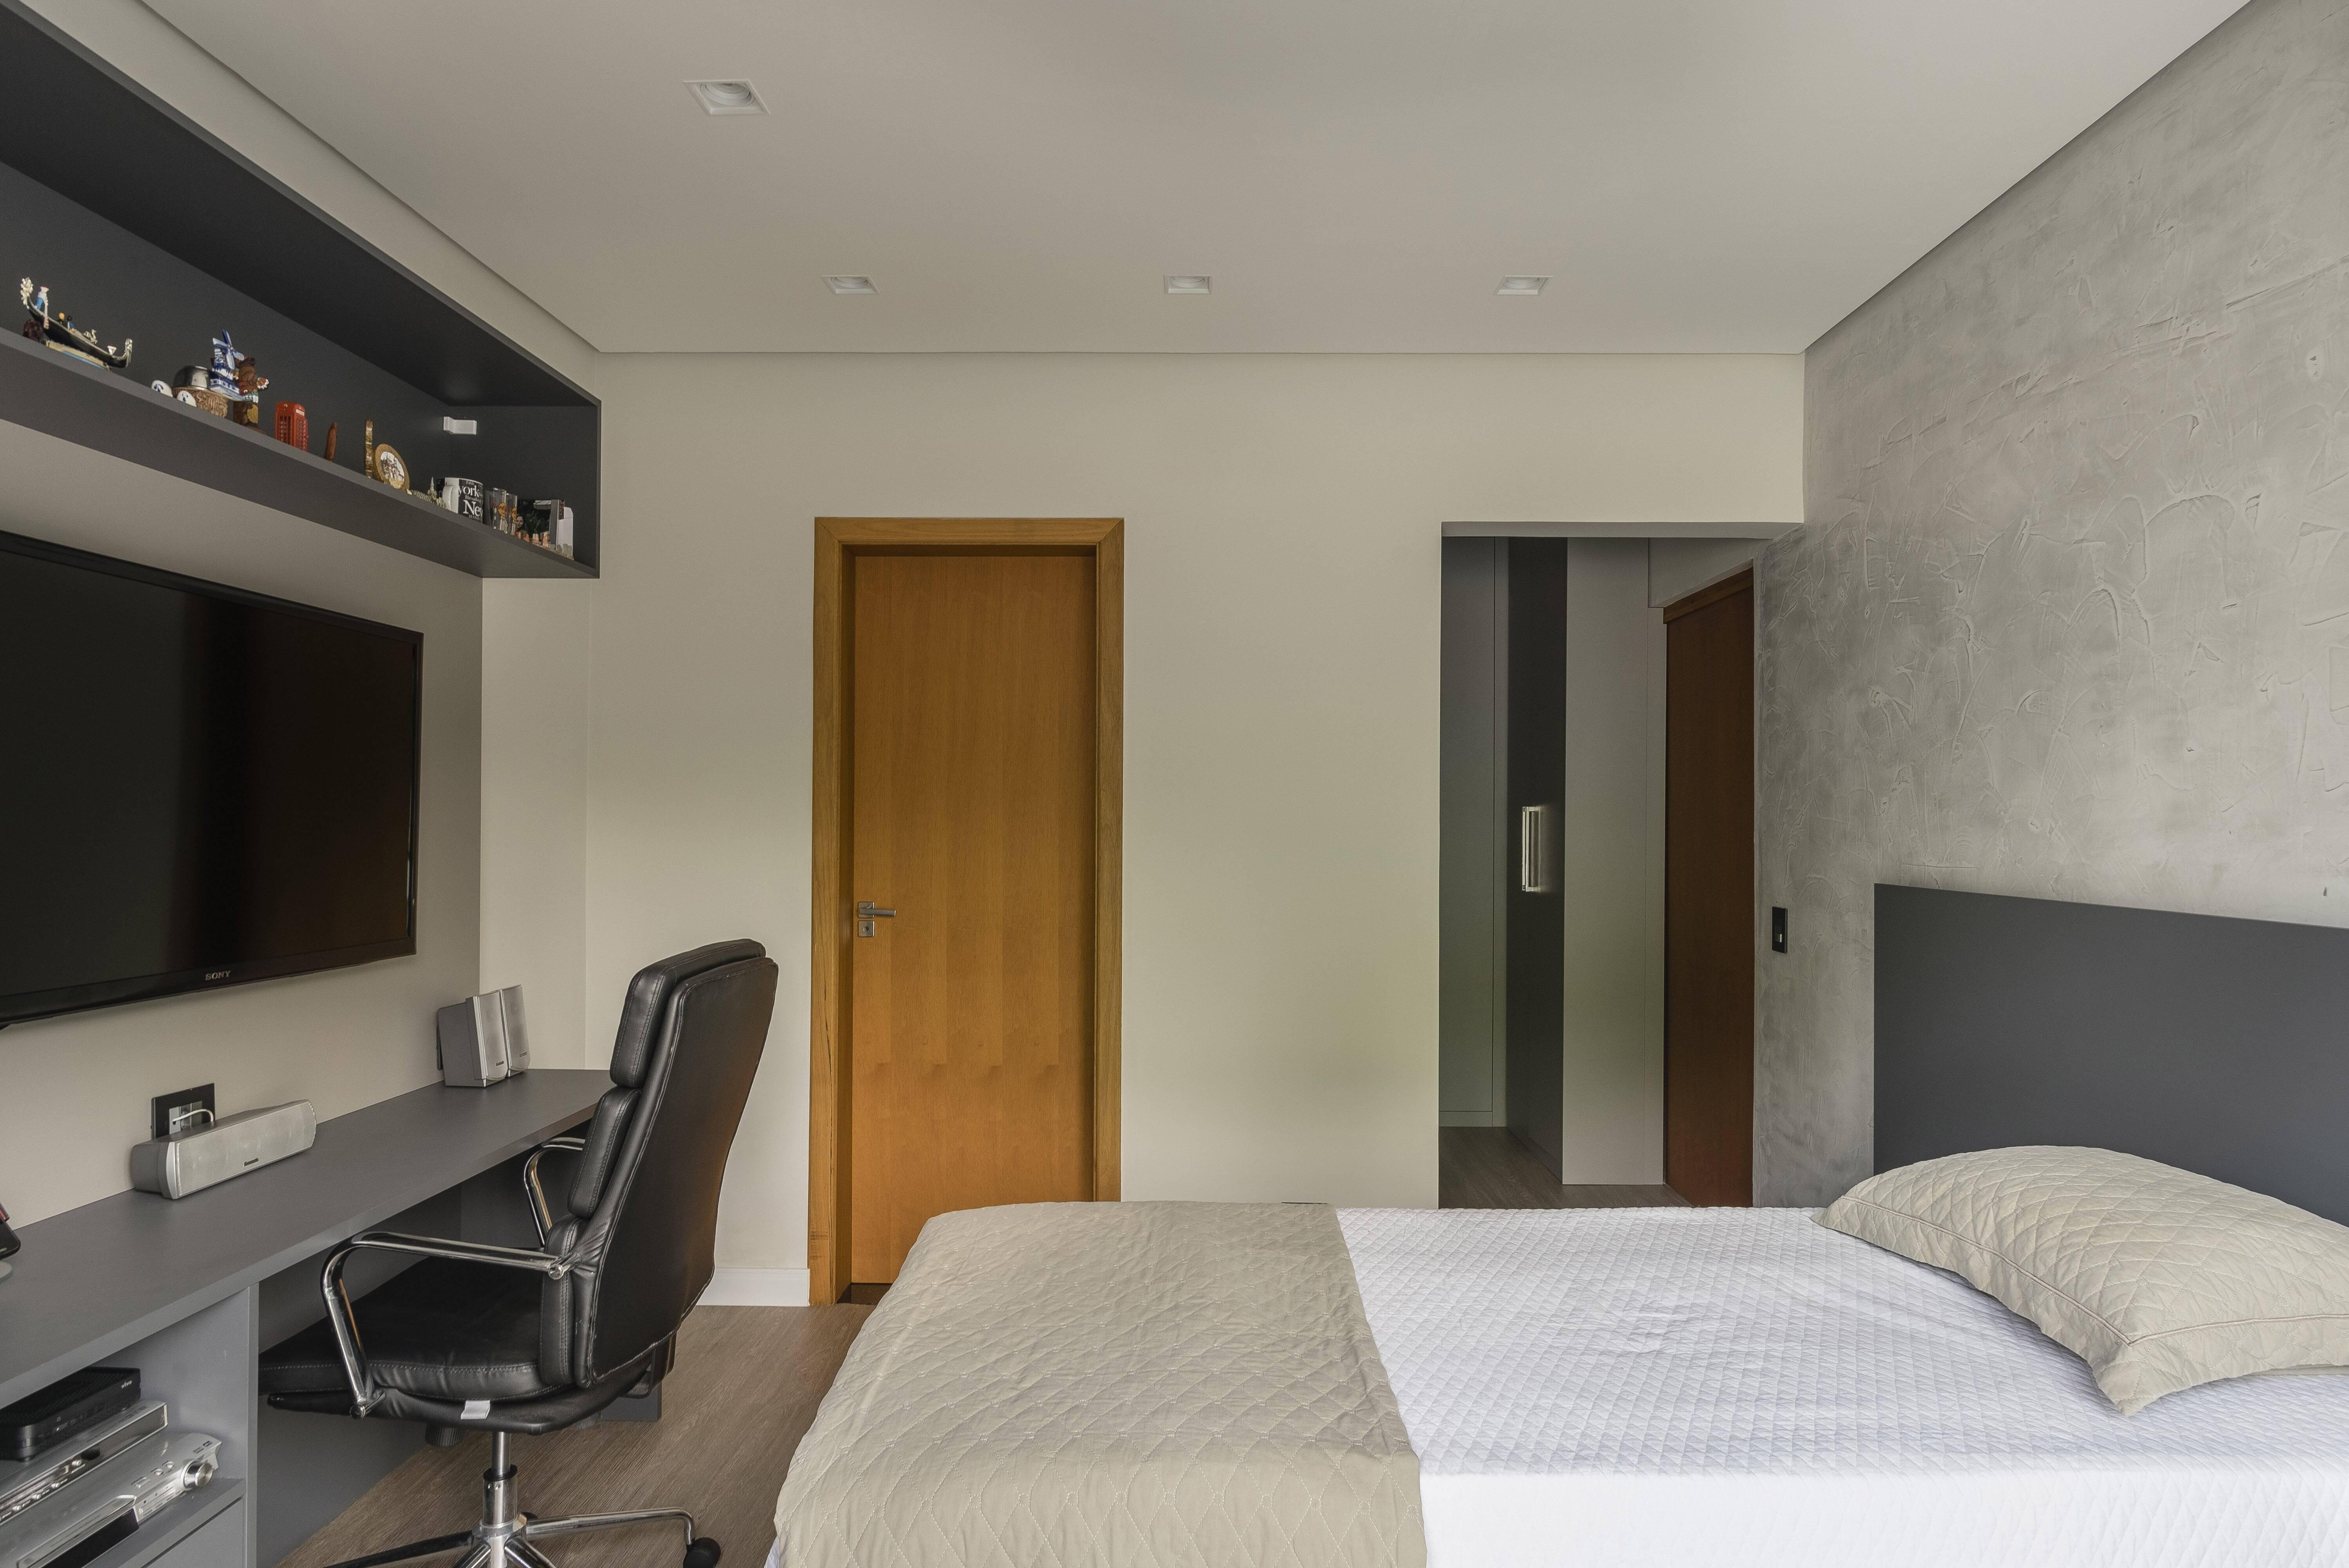 Multiuso, quarto também pode servir como escritório; é possível separar um pedaço do espaço para criar um espaço de trabalho adequado. Foto: Henrique Ribeiro